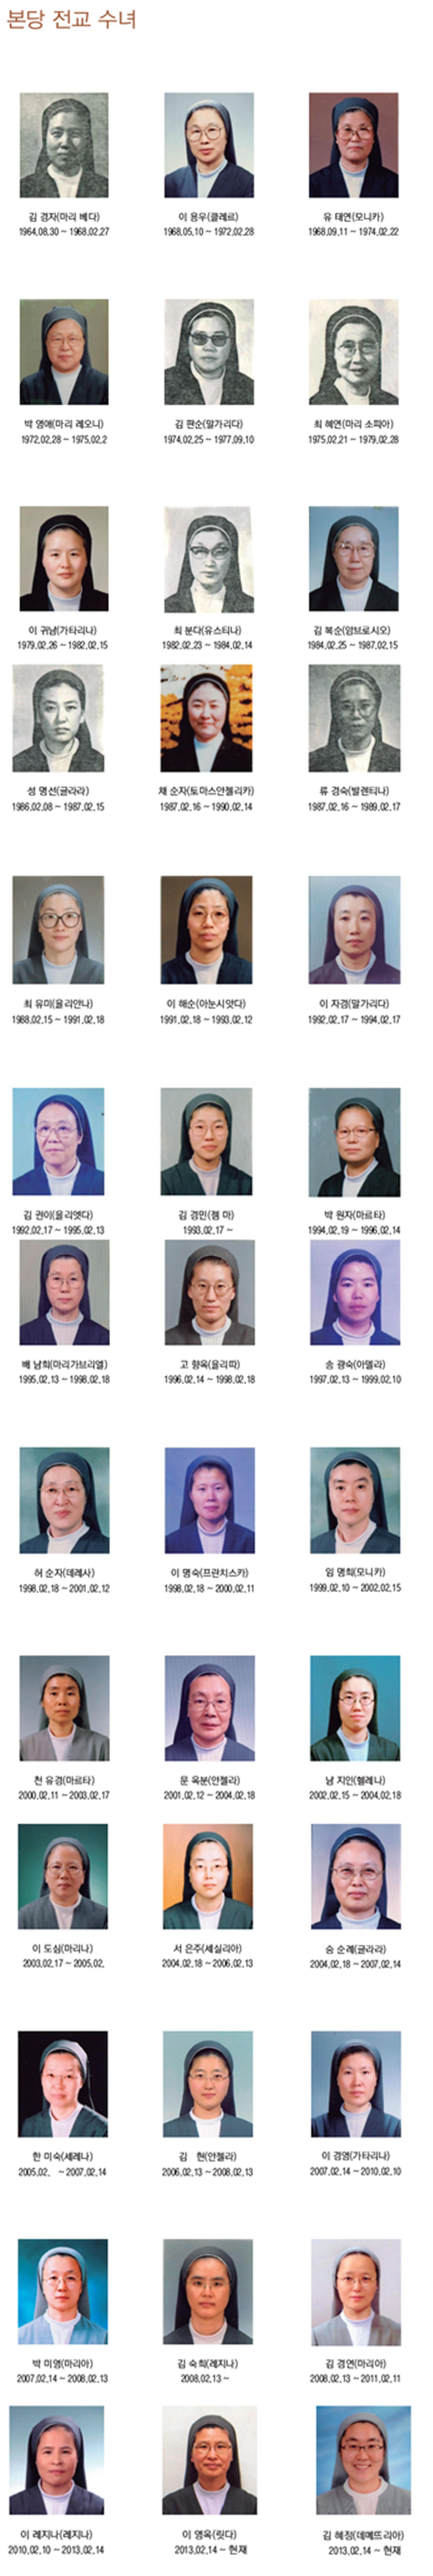 역대 수녀(2015년 기준).jpg